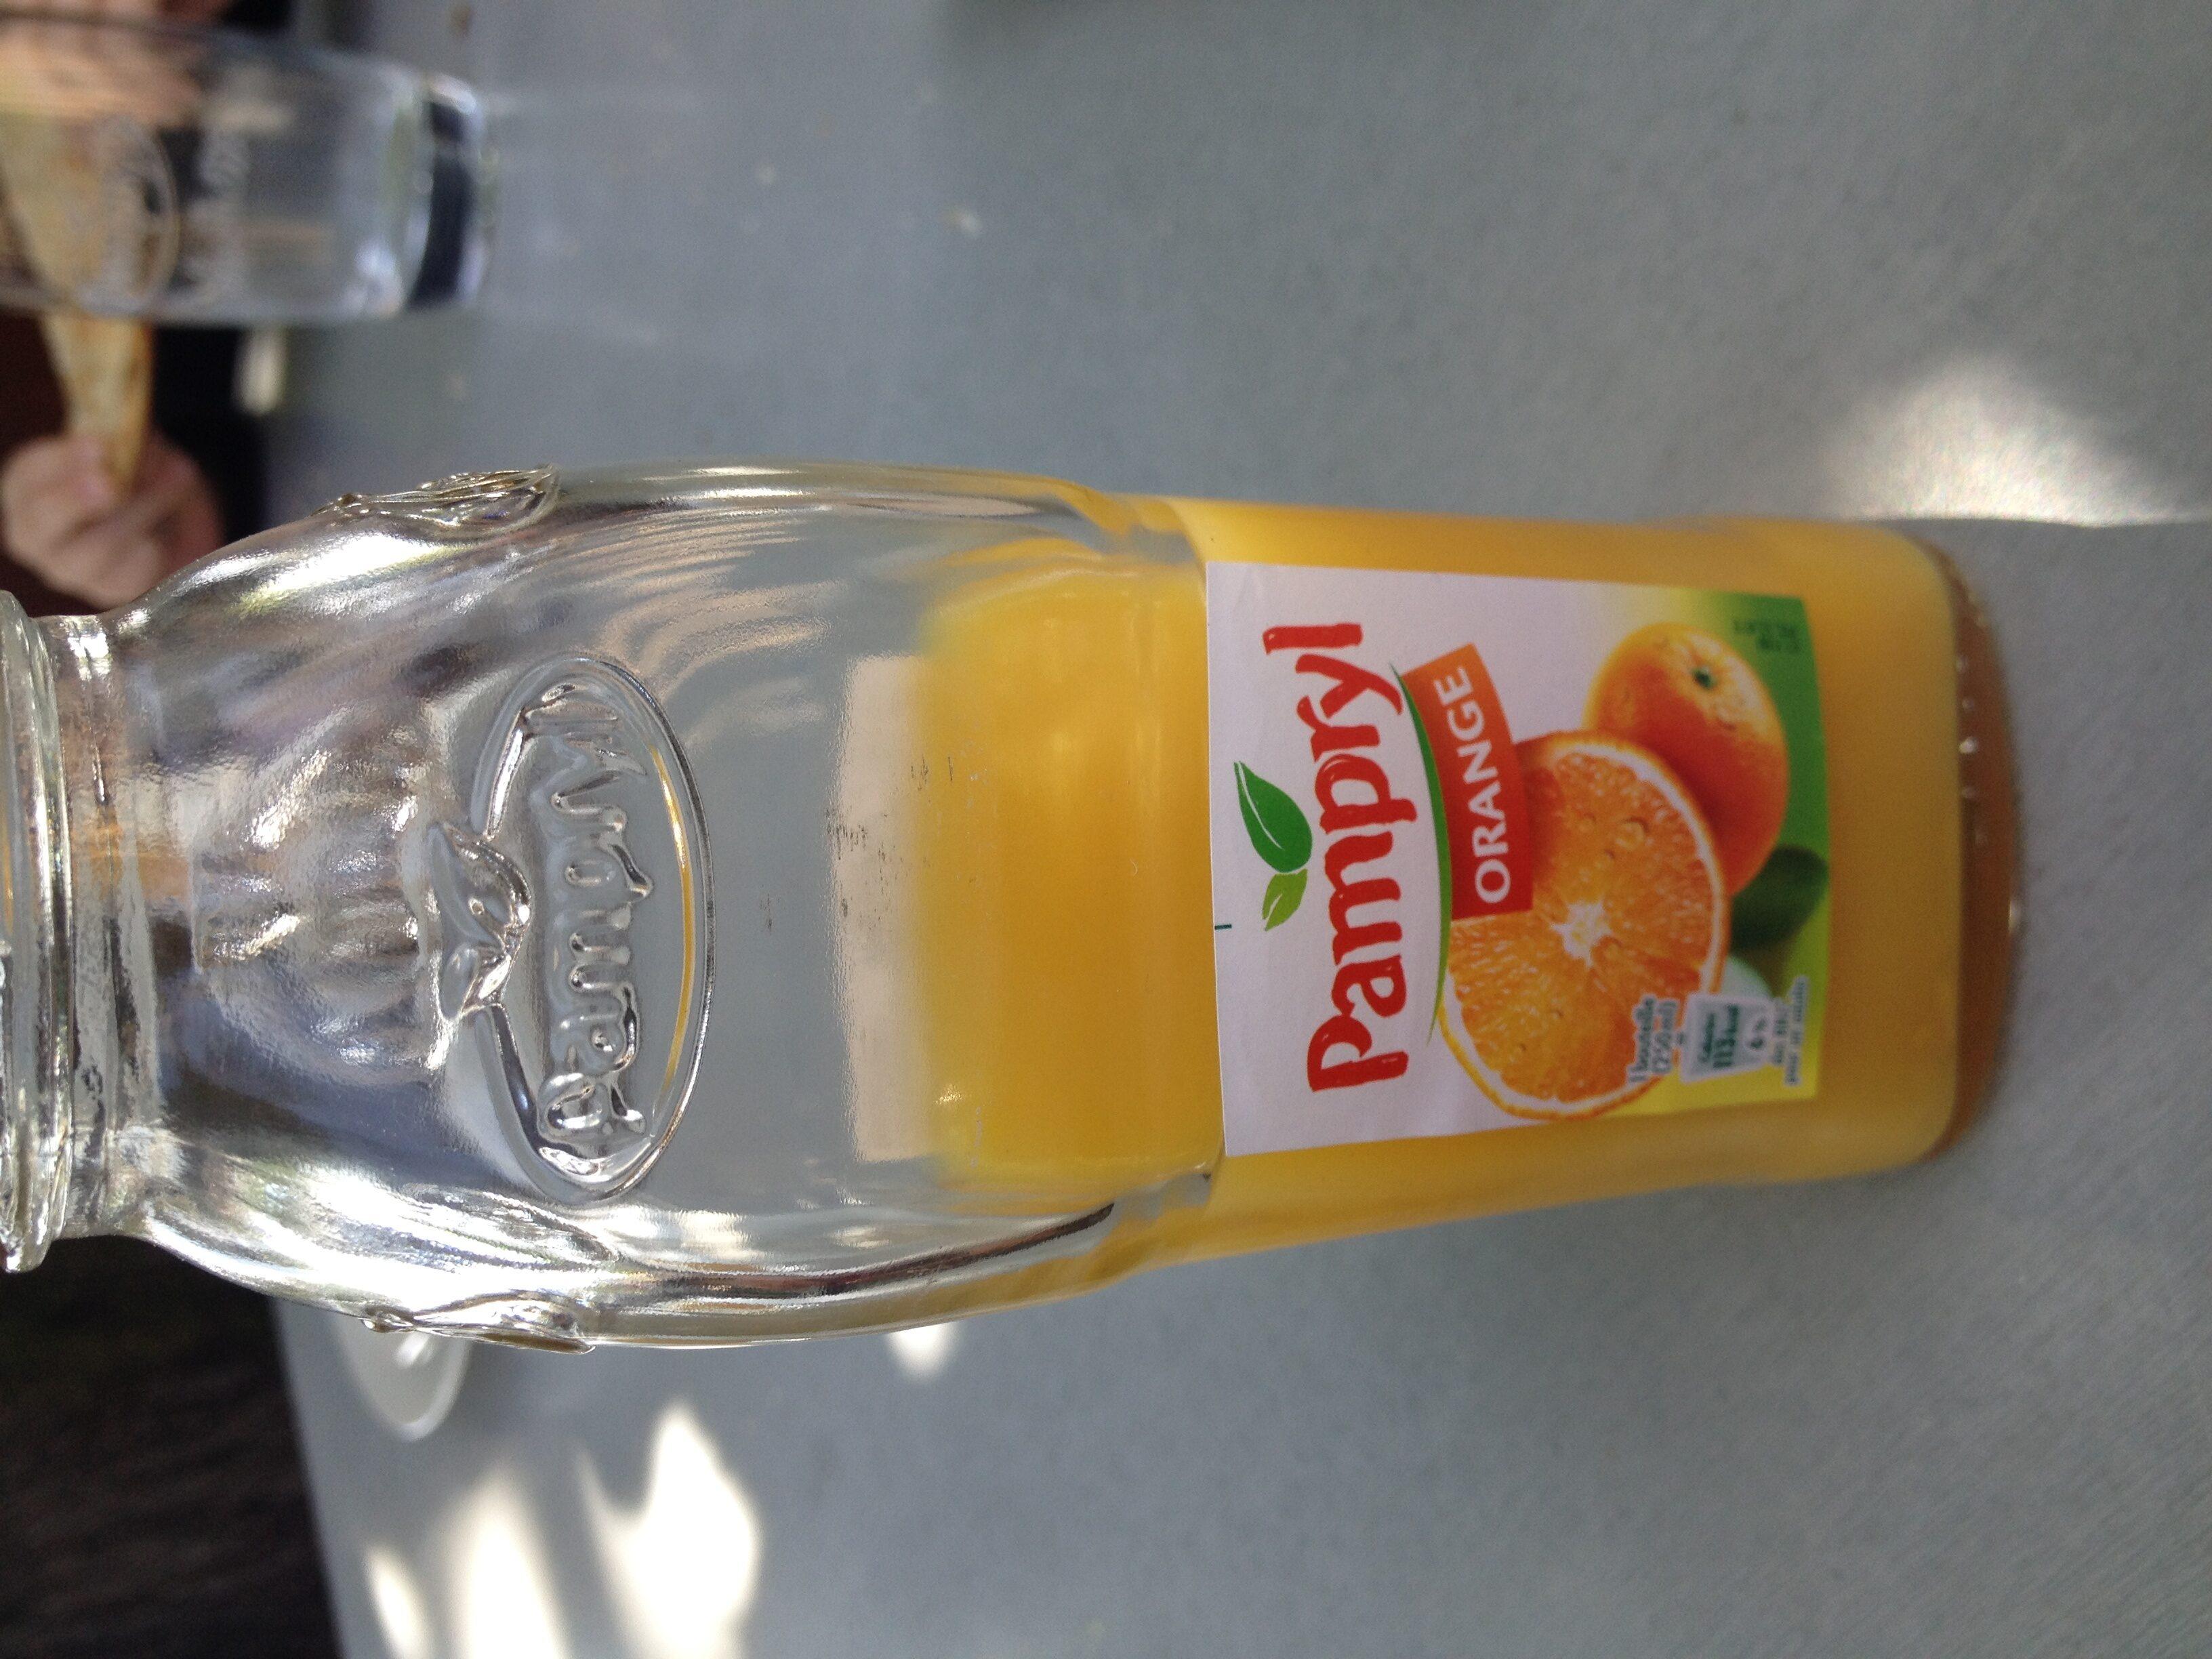 Jus d'orange à base de concentré - Produit - fr